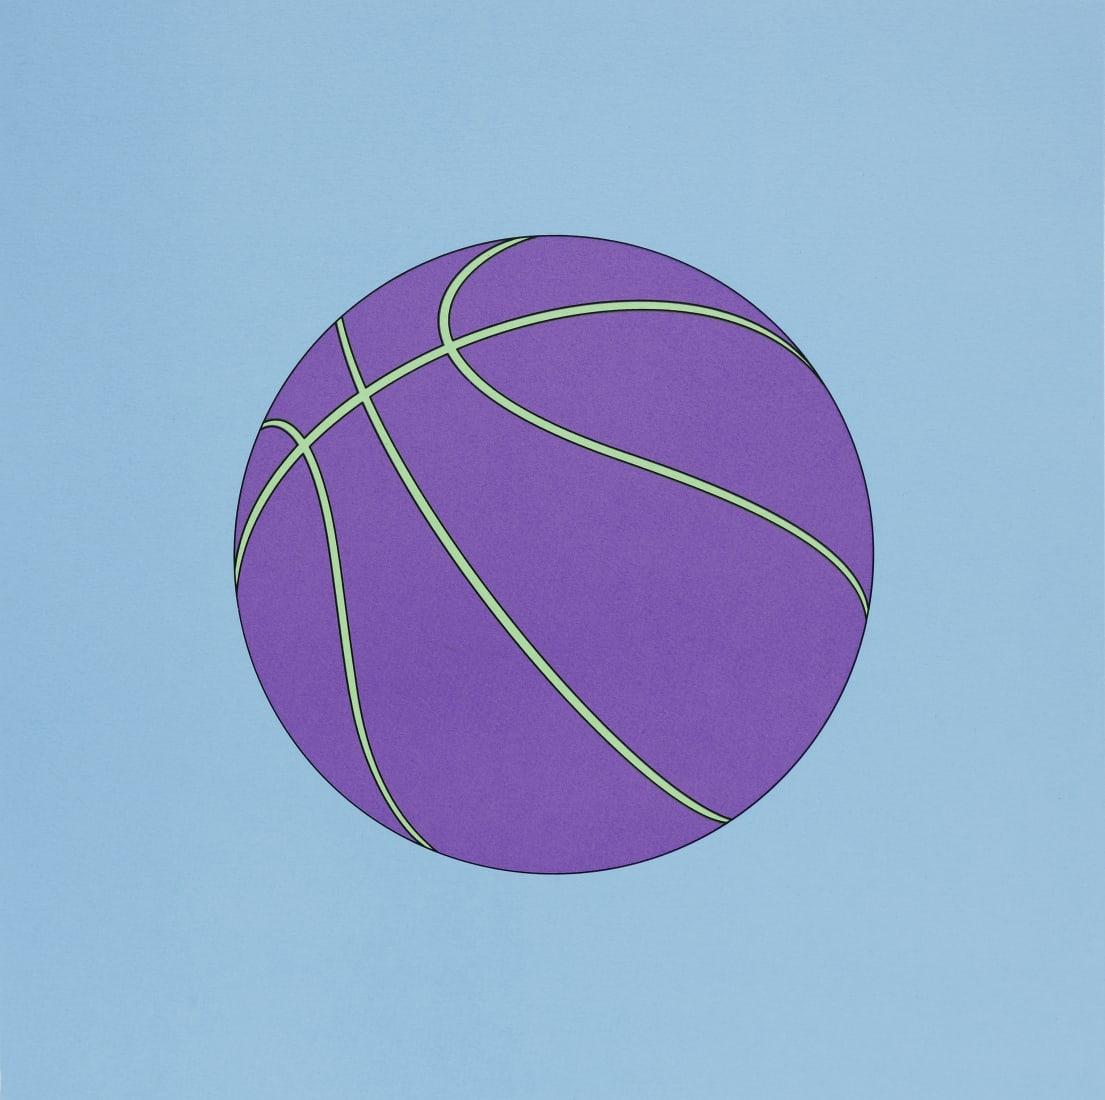 """<span class=""""artist""""><strong>Michael Craig-Martin</strong></span>, <span class=""""title""""><em>Basketball</em>, 2019</span>"""